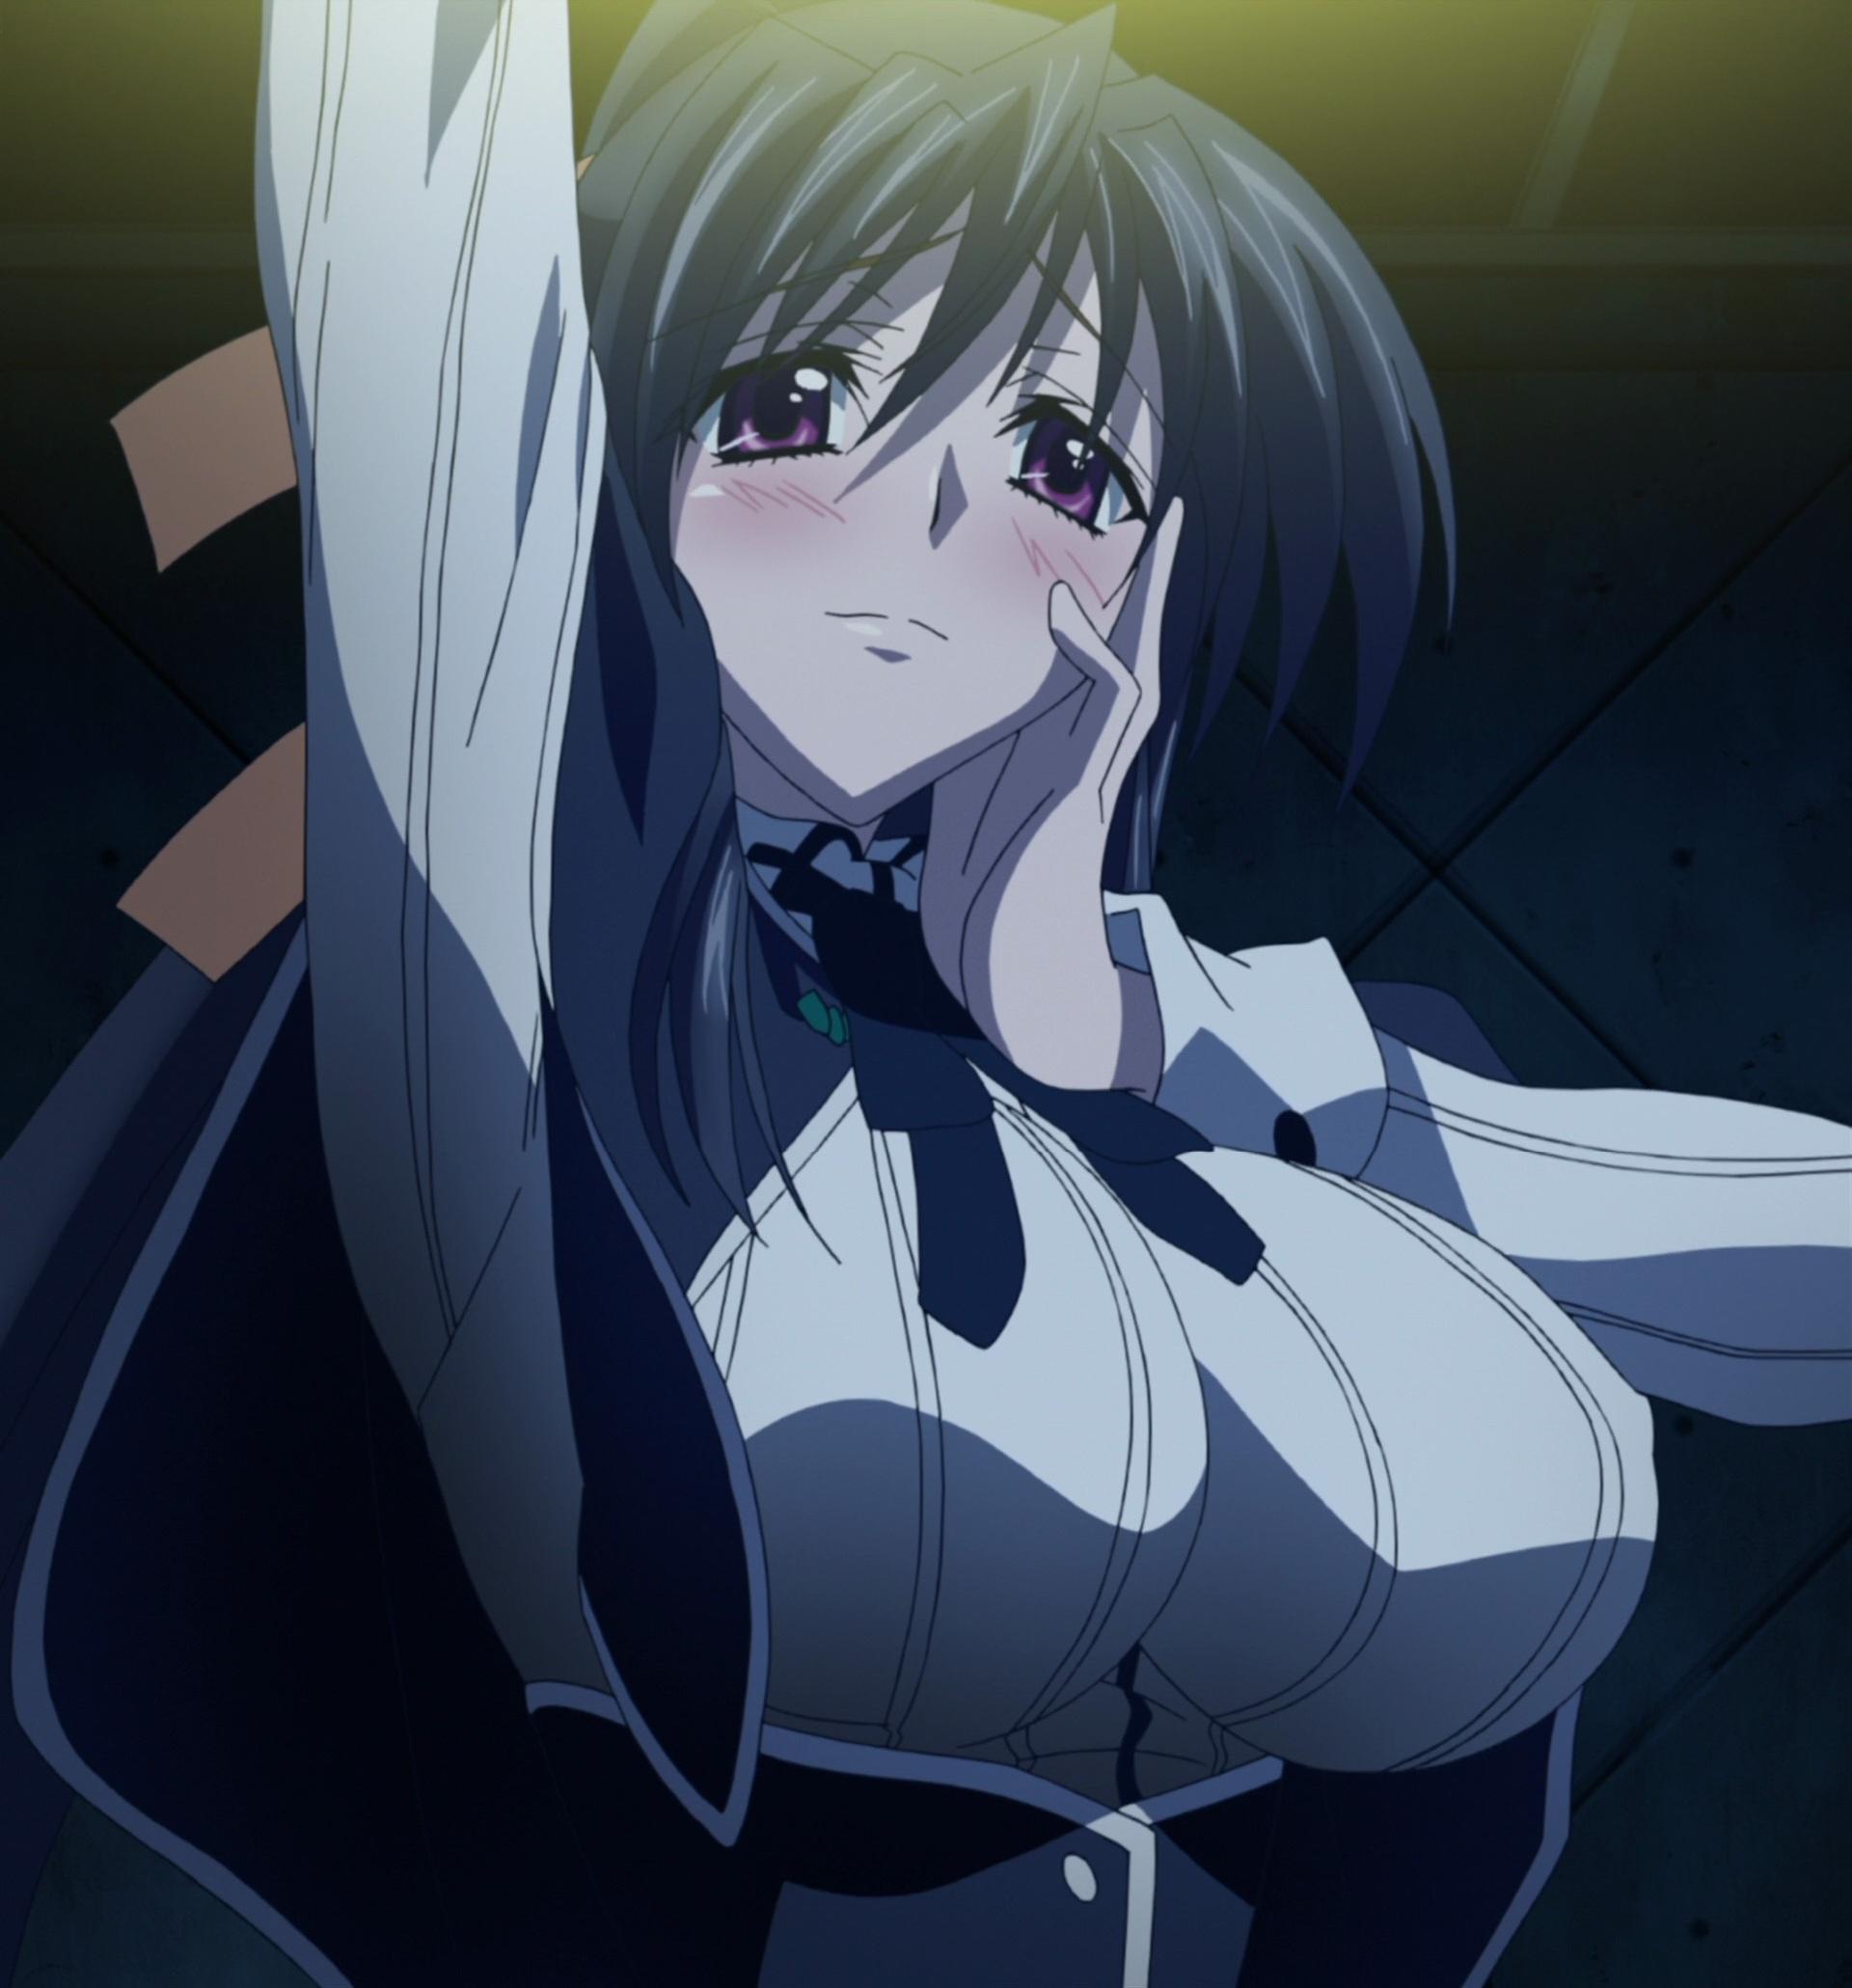 [Top 10] 10 Gostosas dos Animes - Personagens Femininas mais Sexys dos ANIMES Akeno-Himejima-image-akeno-himejima-36576388-1920-2061